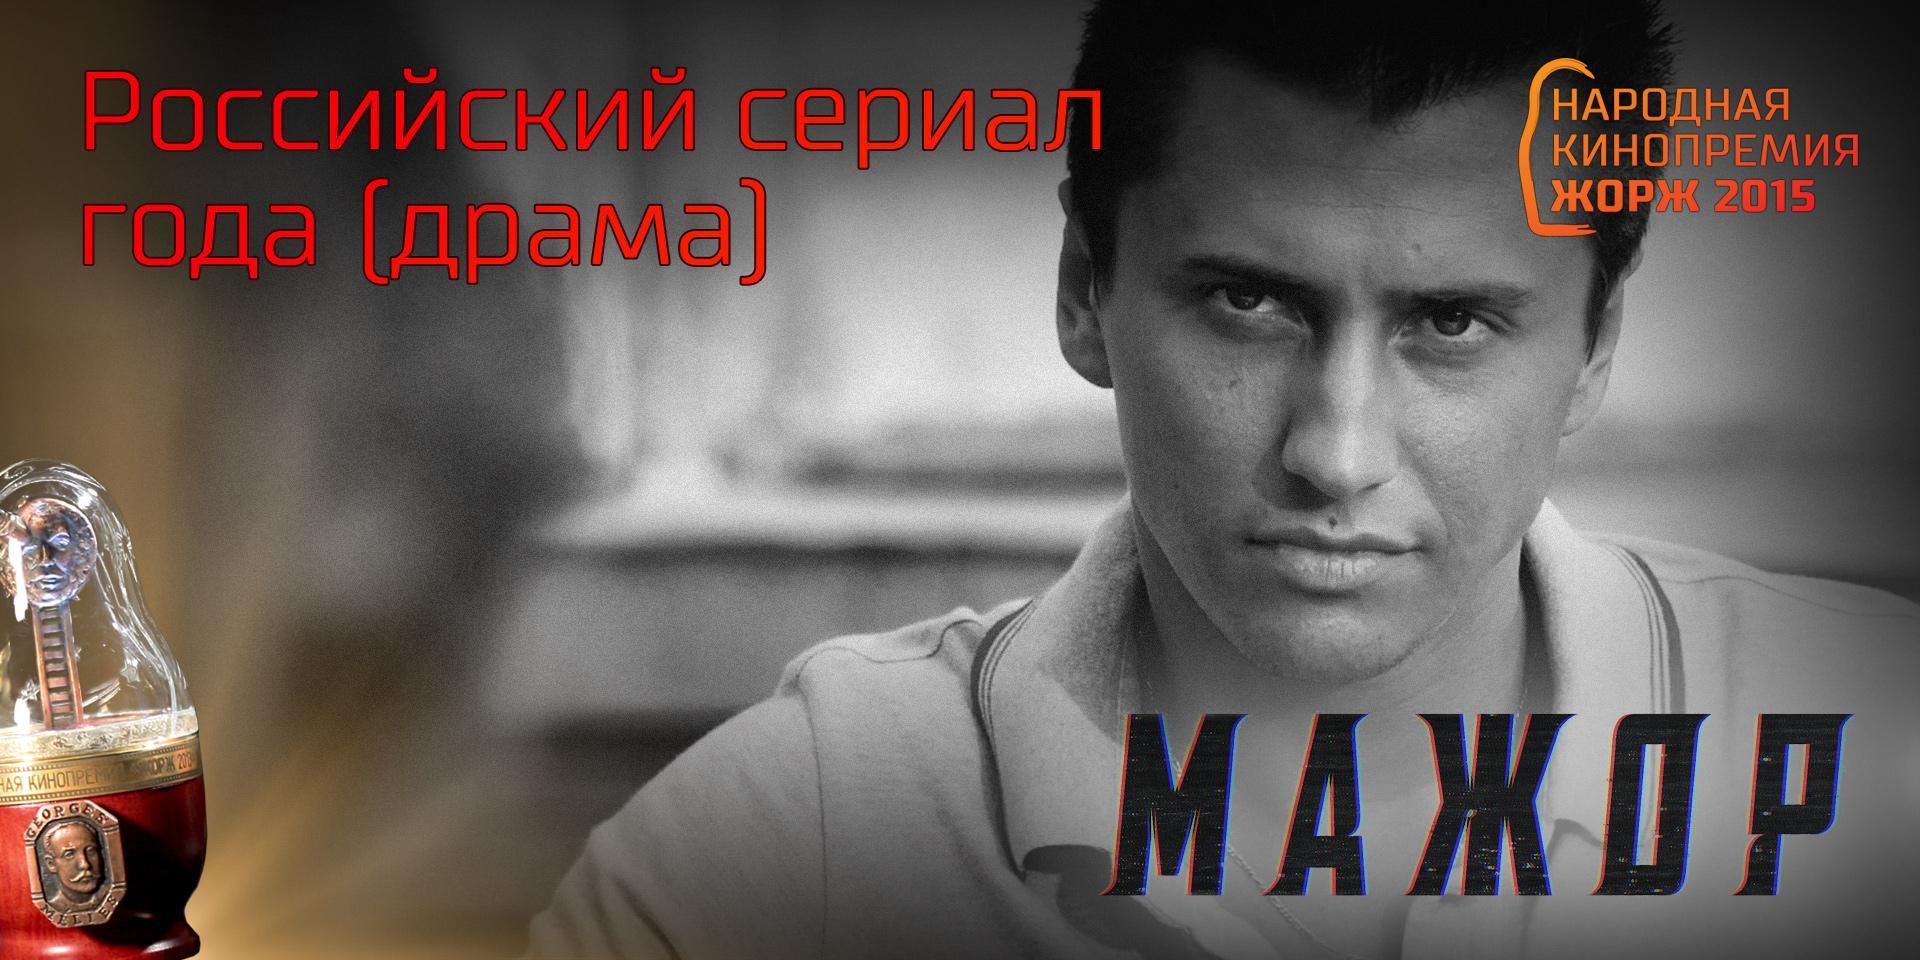 massazhe-trahal